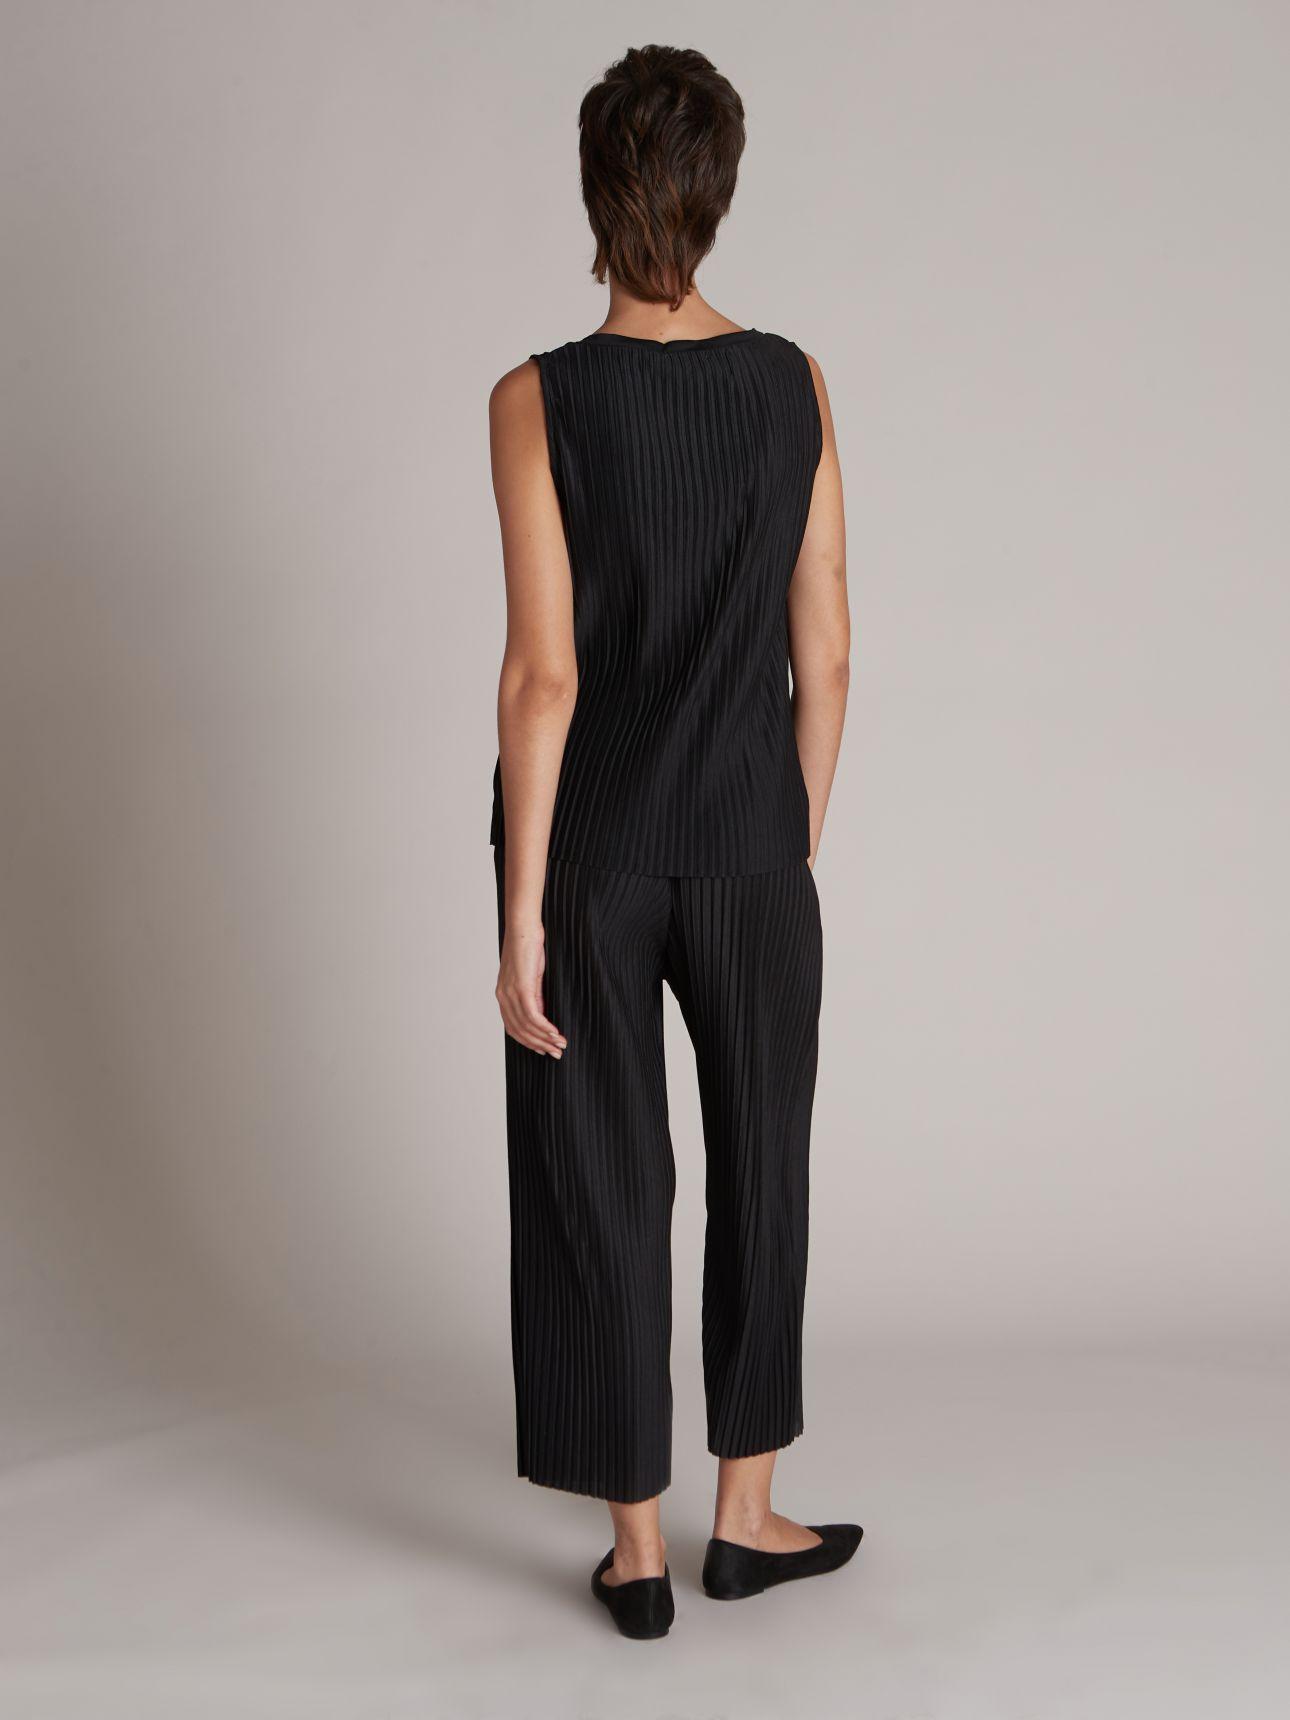 מכנסי קפלים